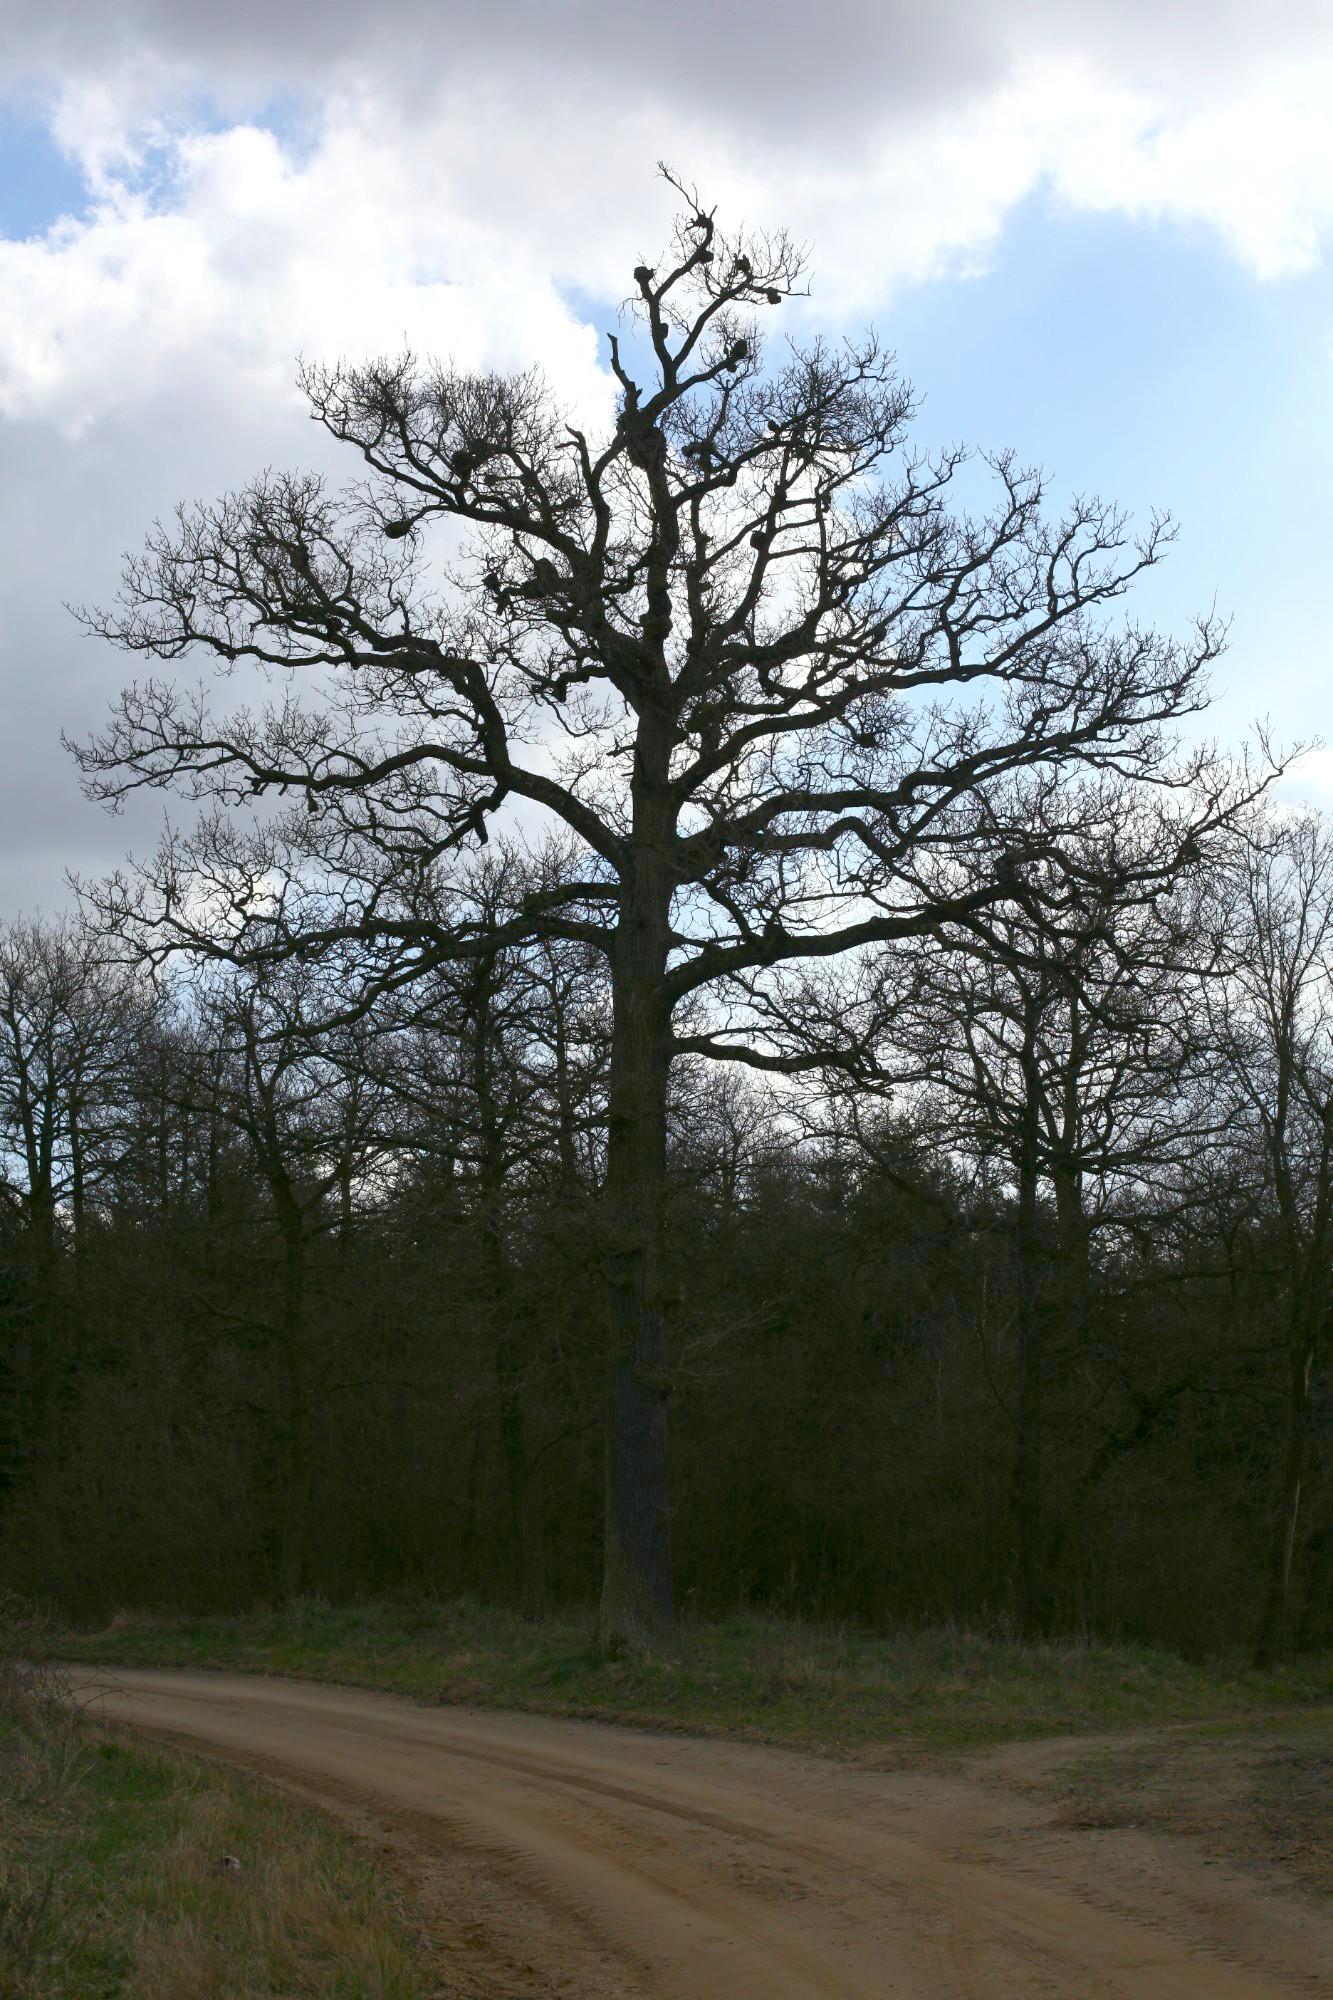 alter, knorriger Baum